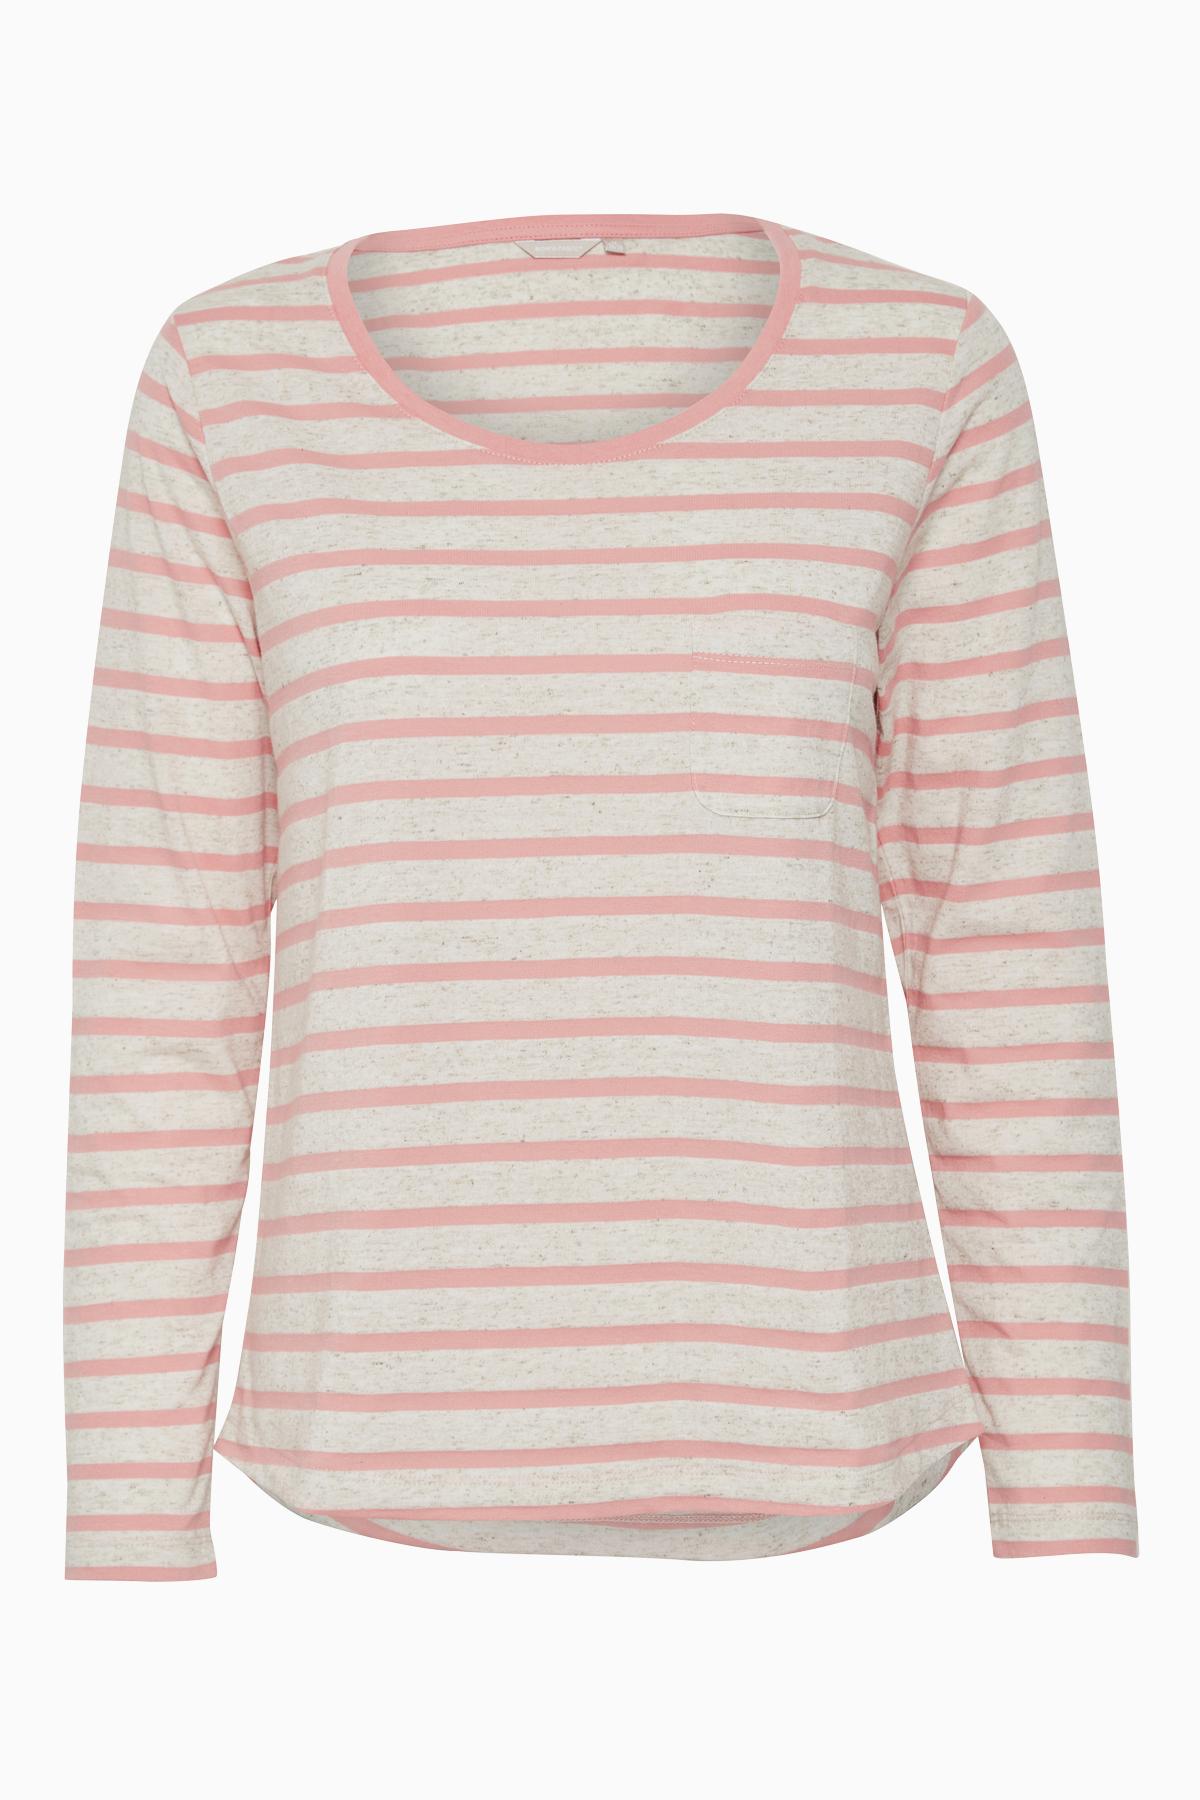 Koralle/sand Langarm T-Shirt von Bon'A Parte – Shoppen Sie Koralle/sand Langarm T-Shirt ab Gr. S-3XL hier